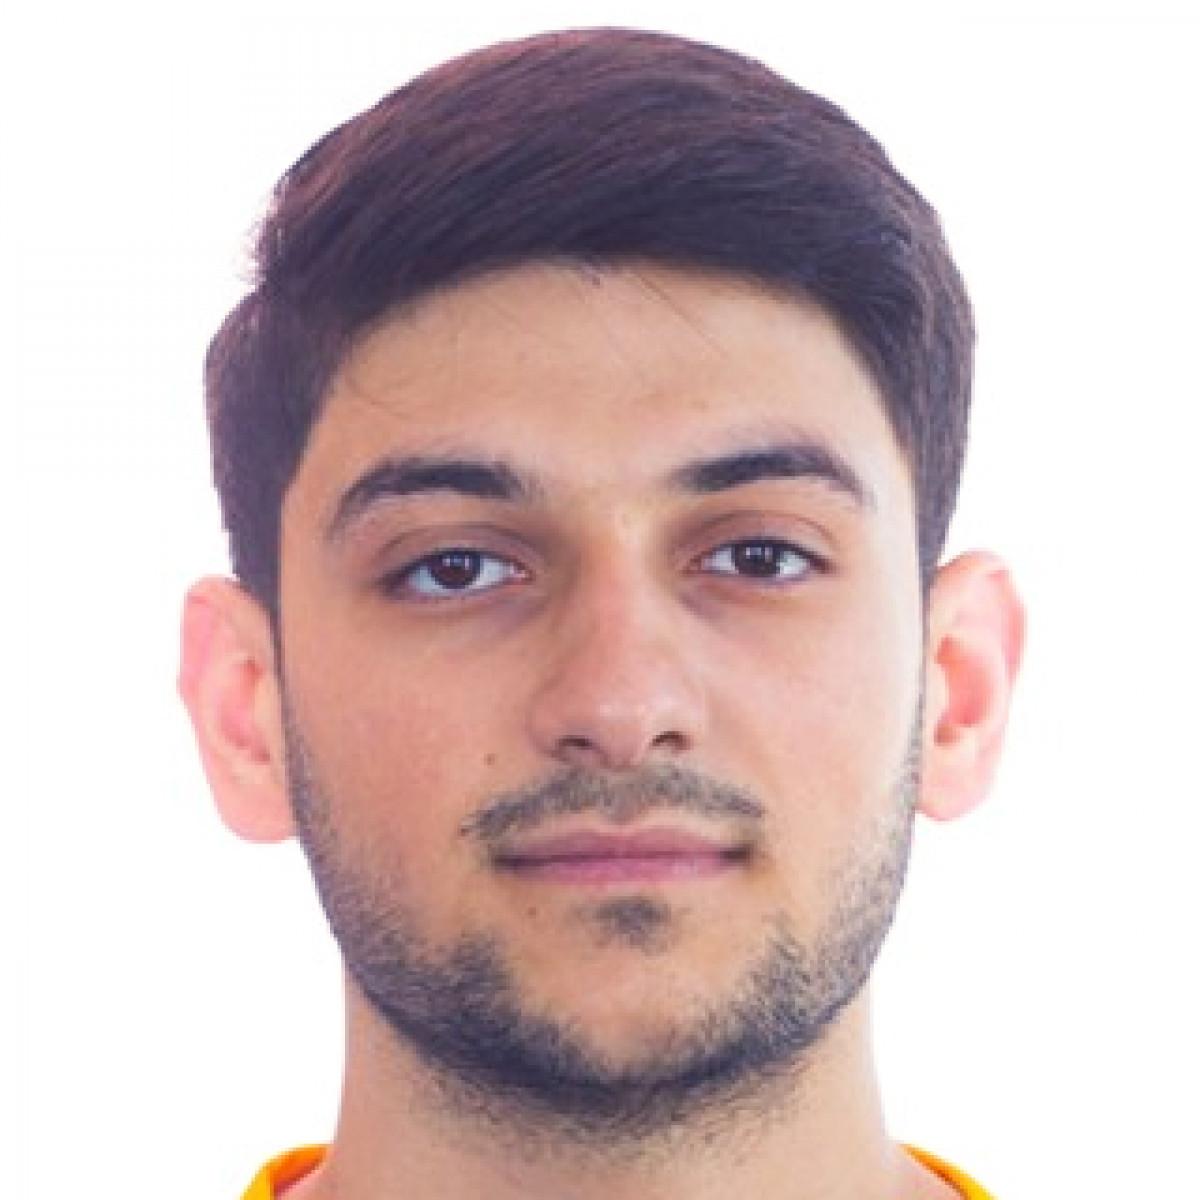 Aram Mkrtchyan